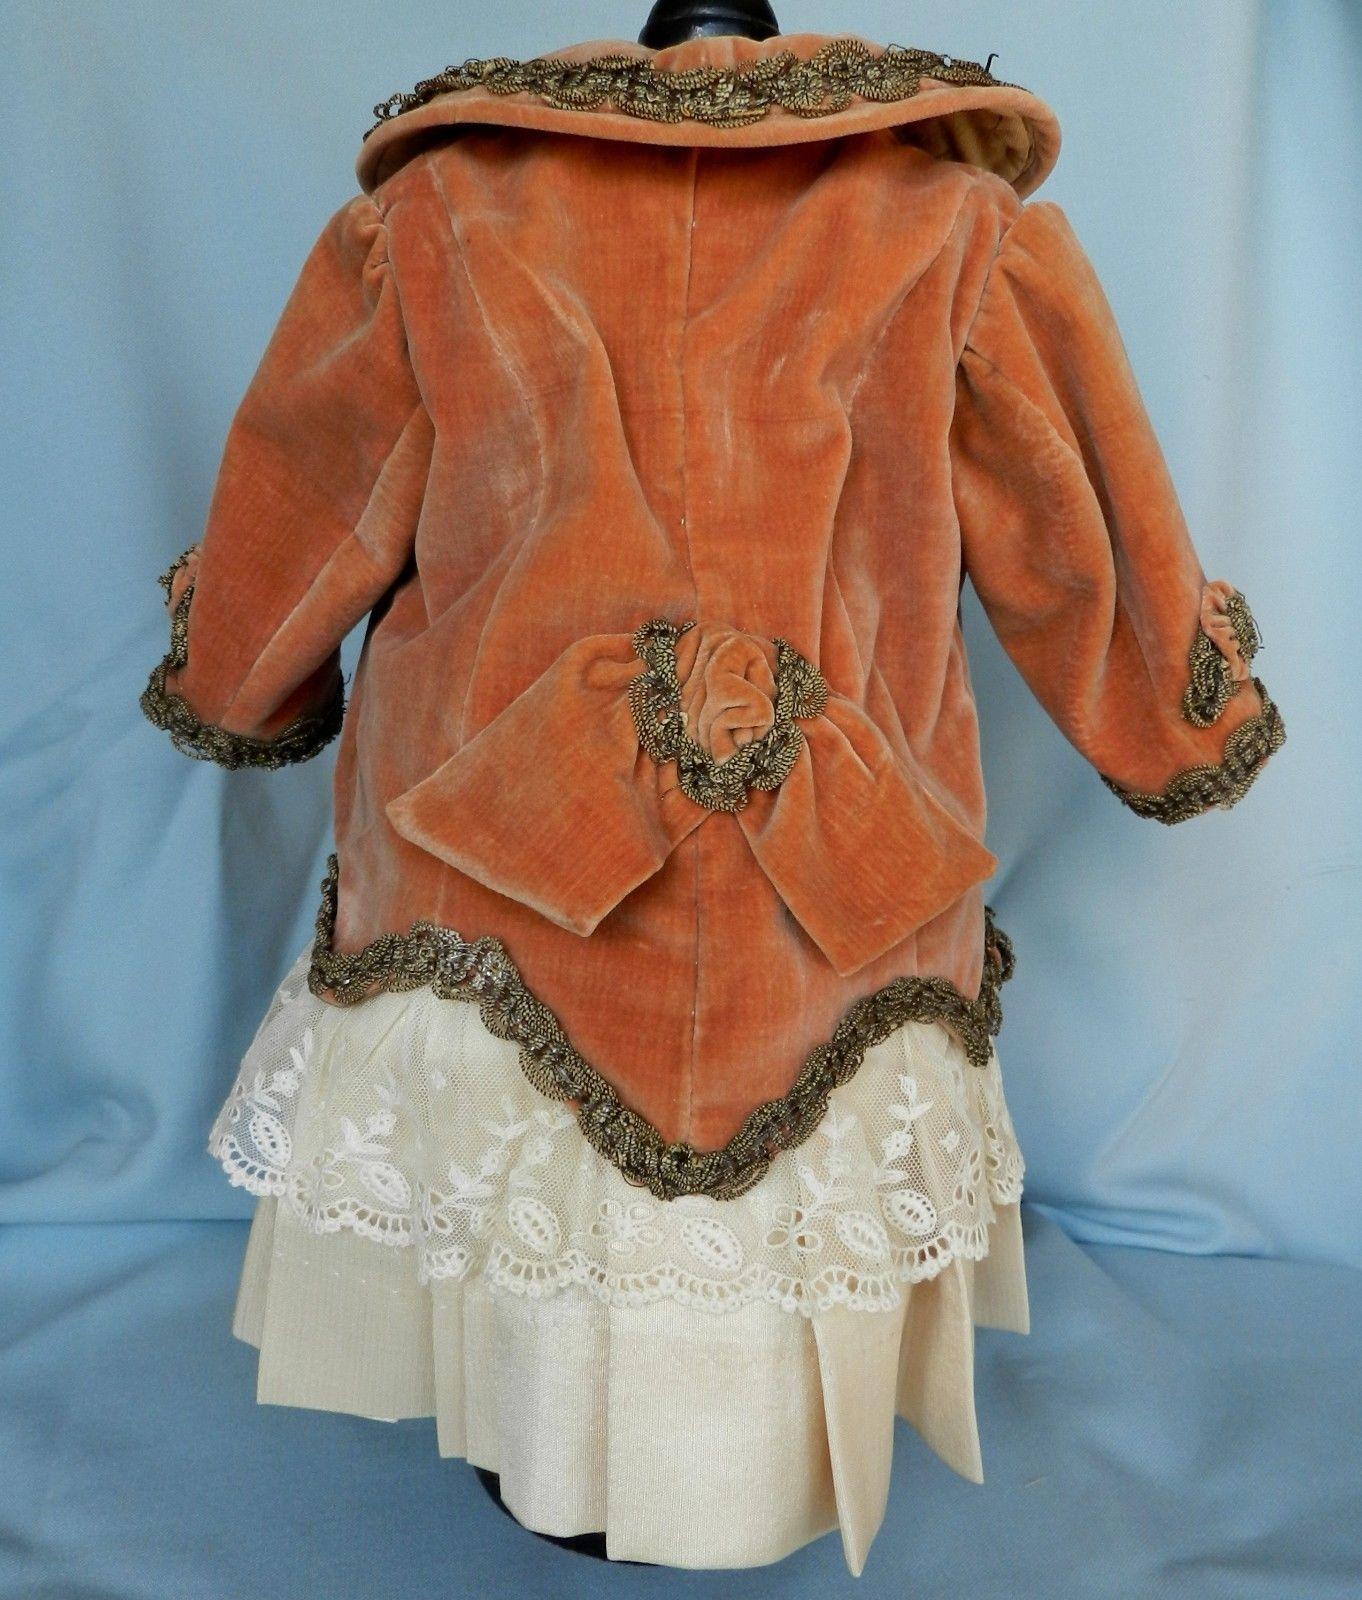 Antique French Velvet Silk Doll Dress for Antique French BEBE Bru Kestner Doll   eBay